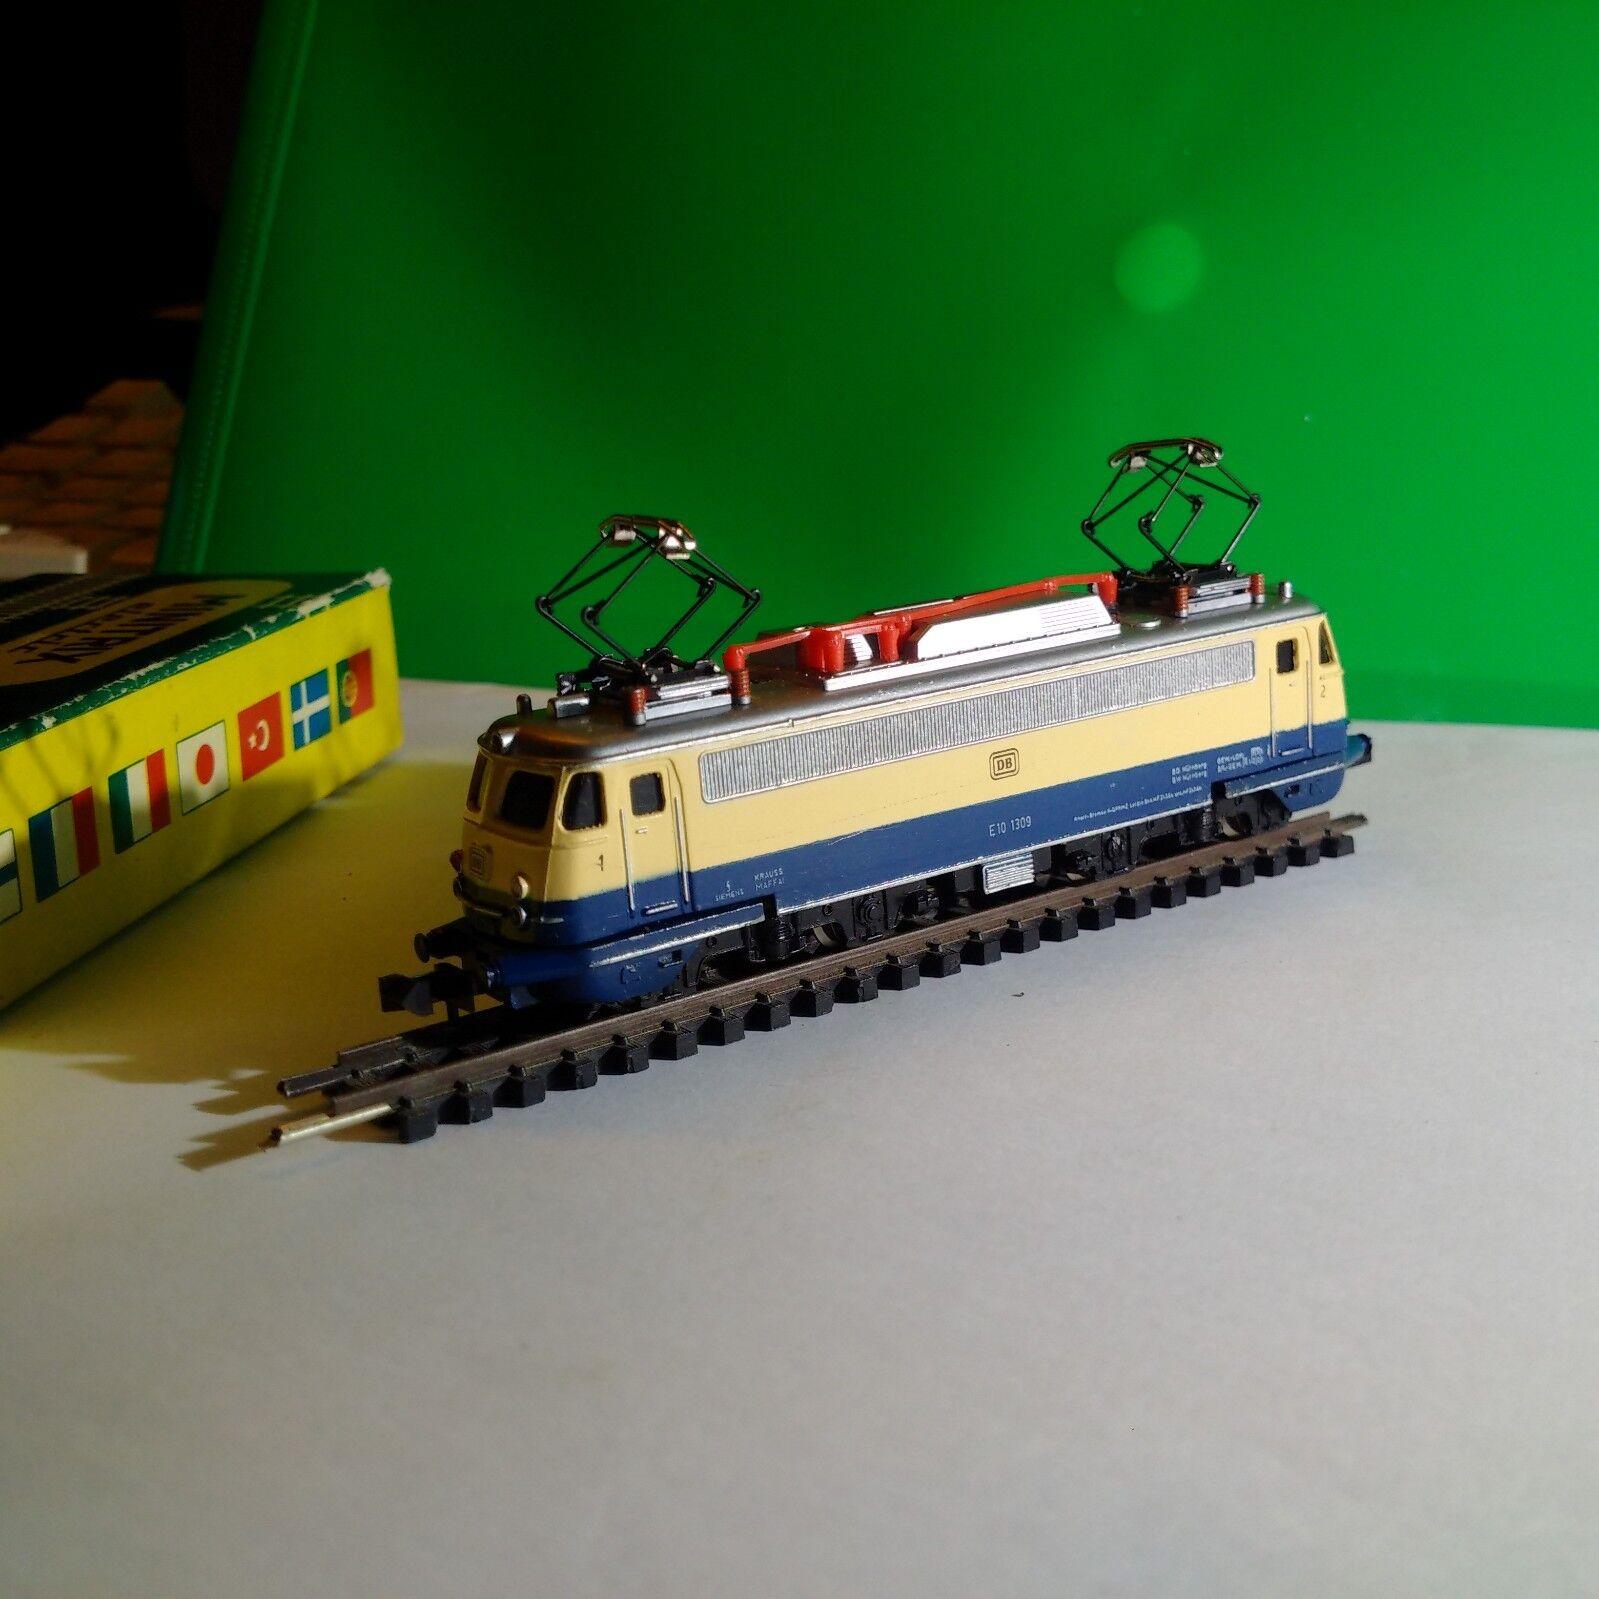 Locomotore elettrico Minitrix 2932 2932 2932 scala N 6b9a61